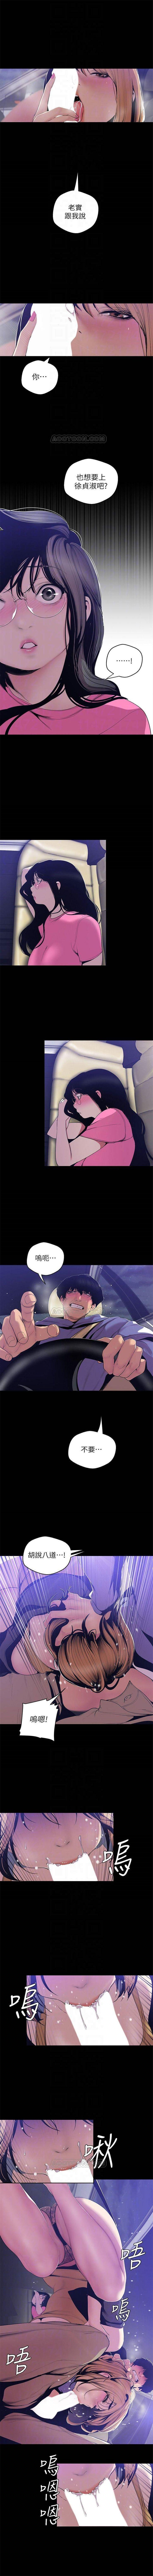 美麗新世界 1-85 官方中文(連載中) 498